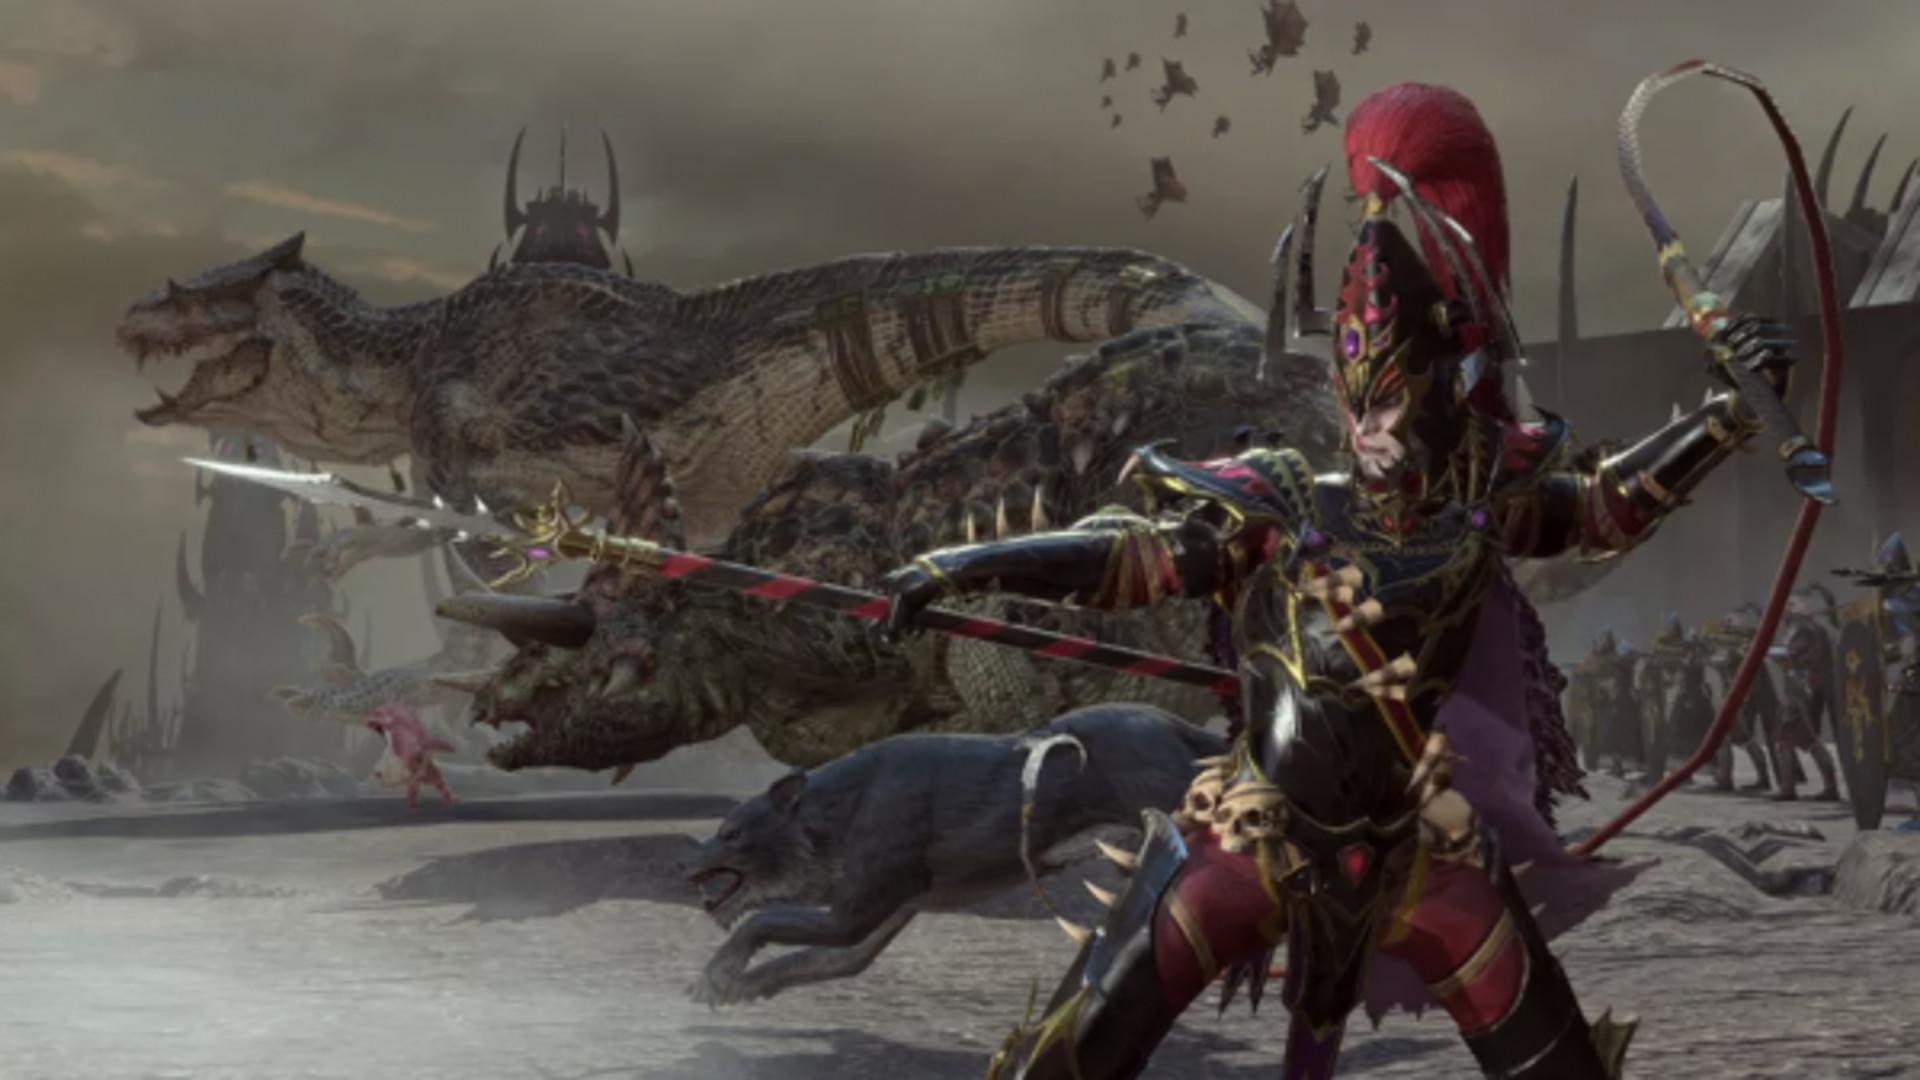 Total War: Warhammer 2's next free Lord is Rakarth of Karond Kar